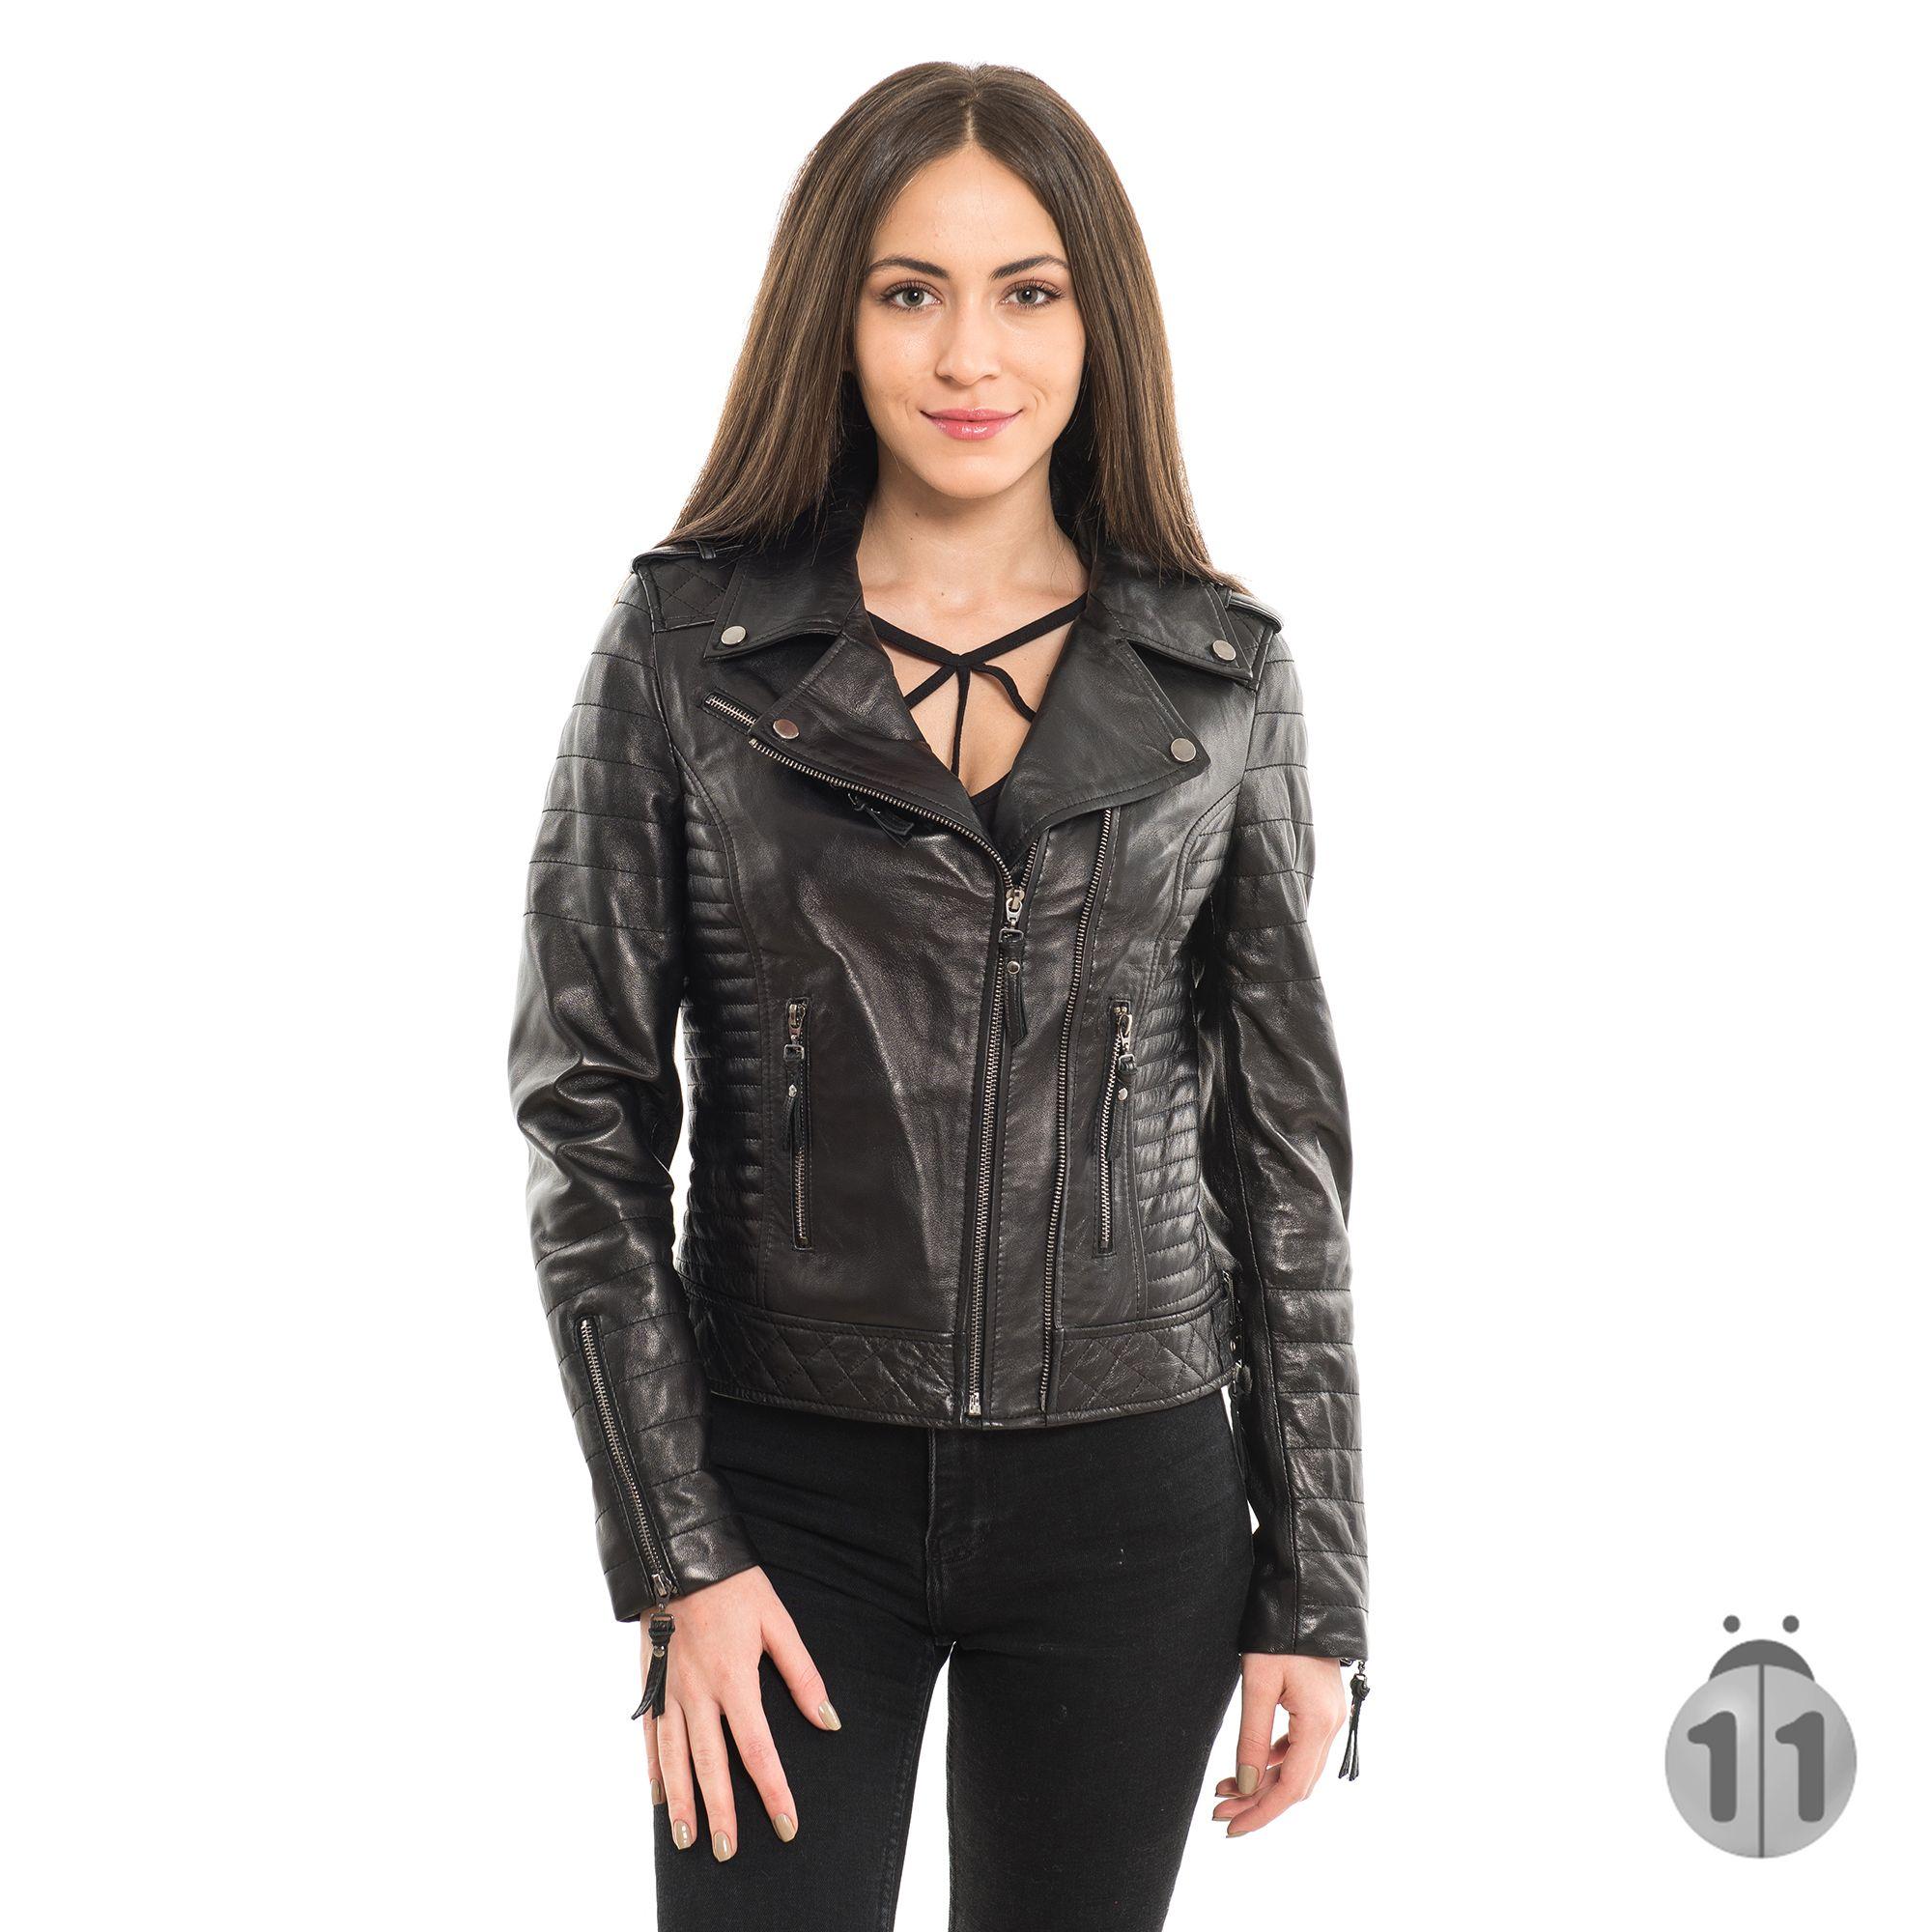 100 Koyun Derisi Bayan Motorcu Siyah Ceket Leather Jacket For Women Siyah Ceketler Siyah Deri Ceketler Siyah